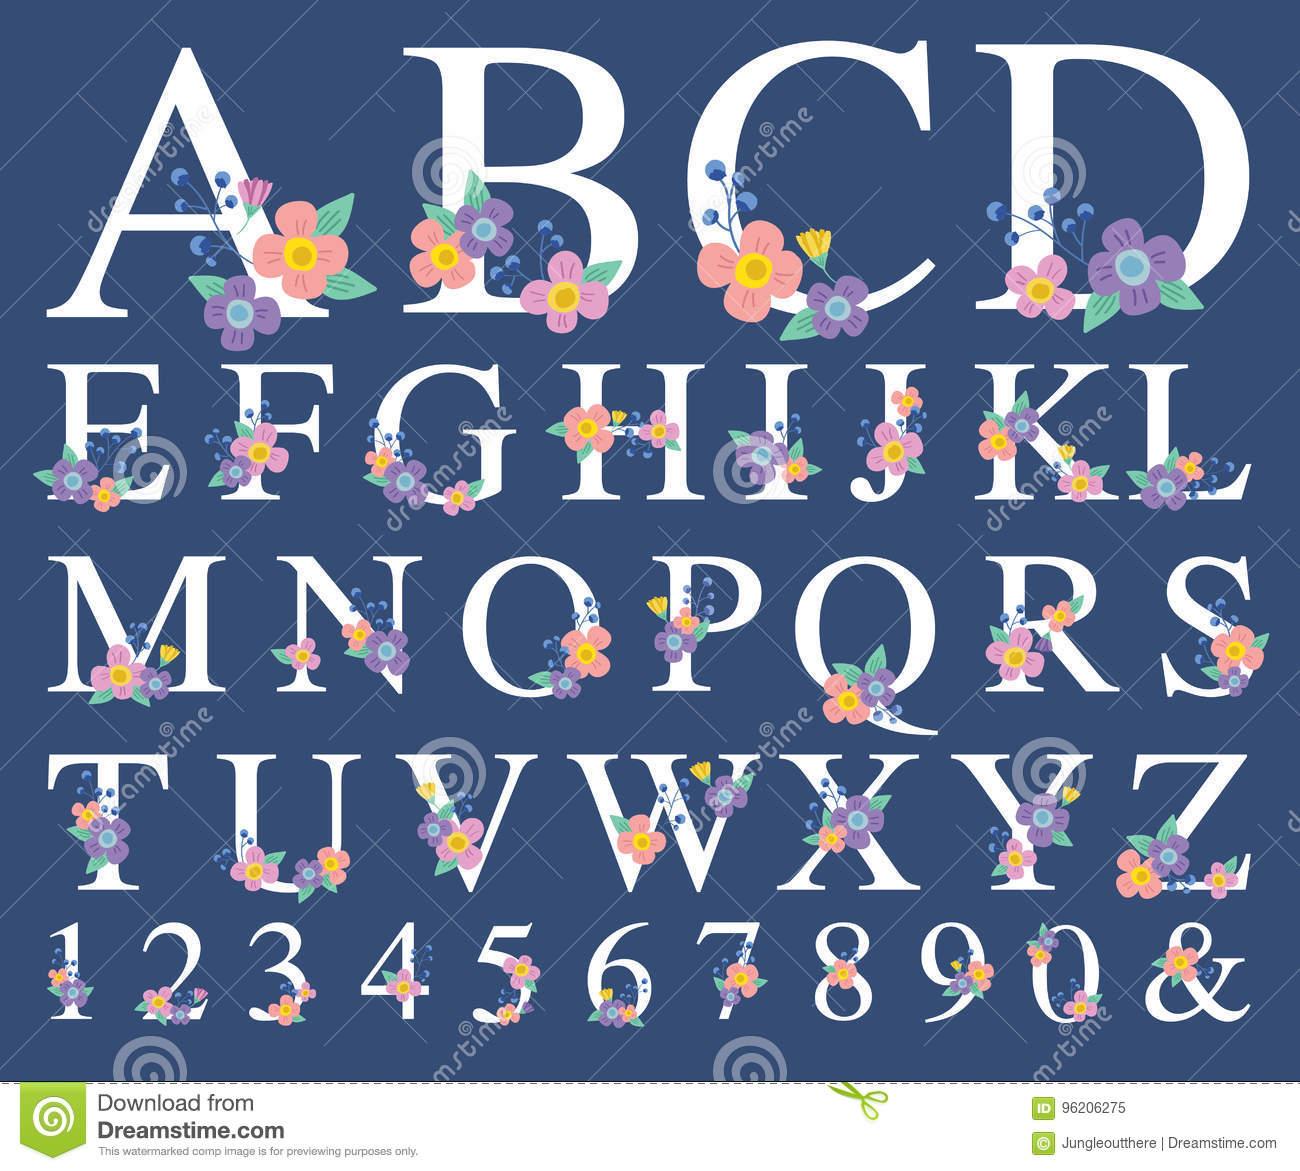 Alphabet-Buchstabe Mit Dekorativer Blume Vektor Abbildung mit Blume Mit 6 Buchstaben